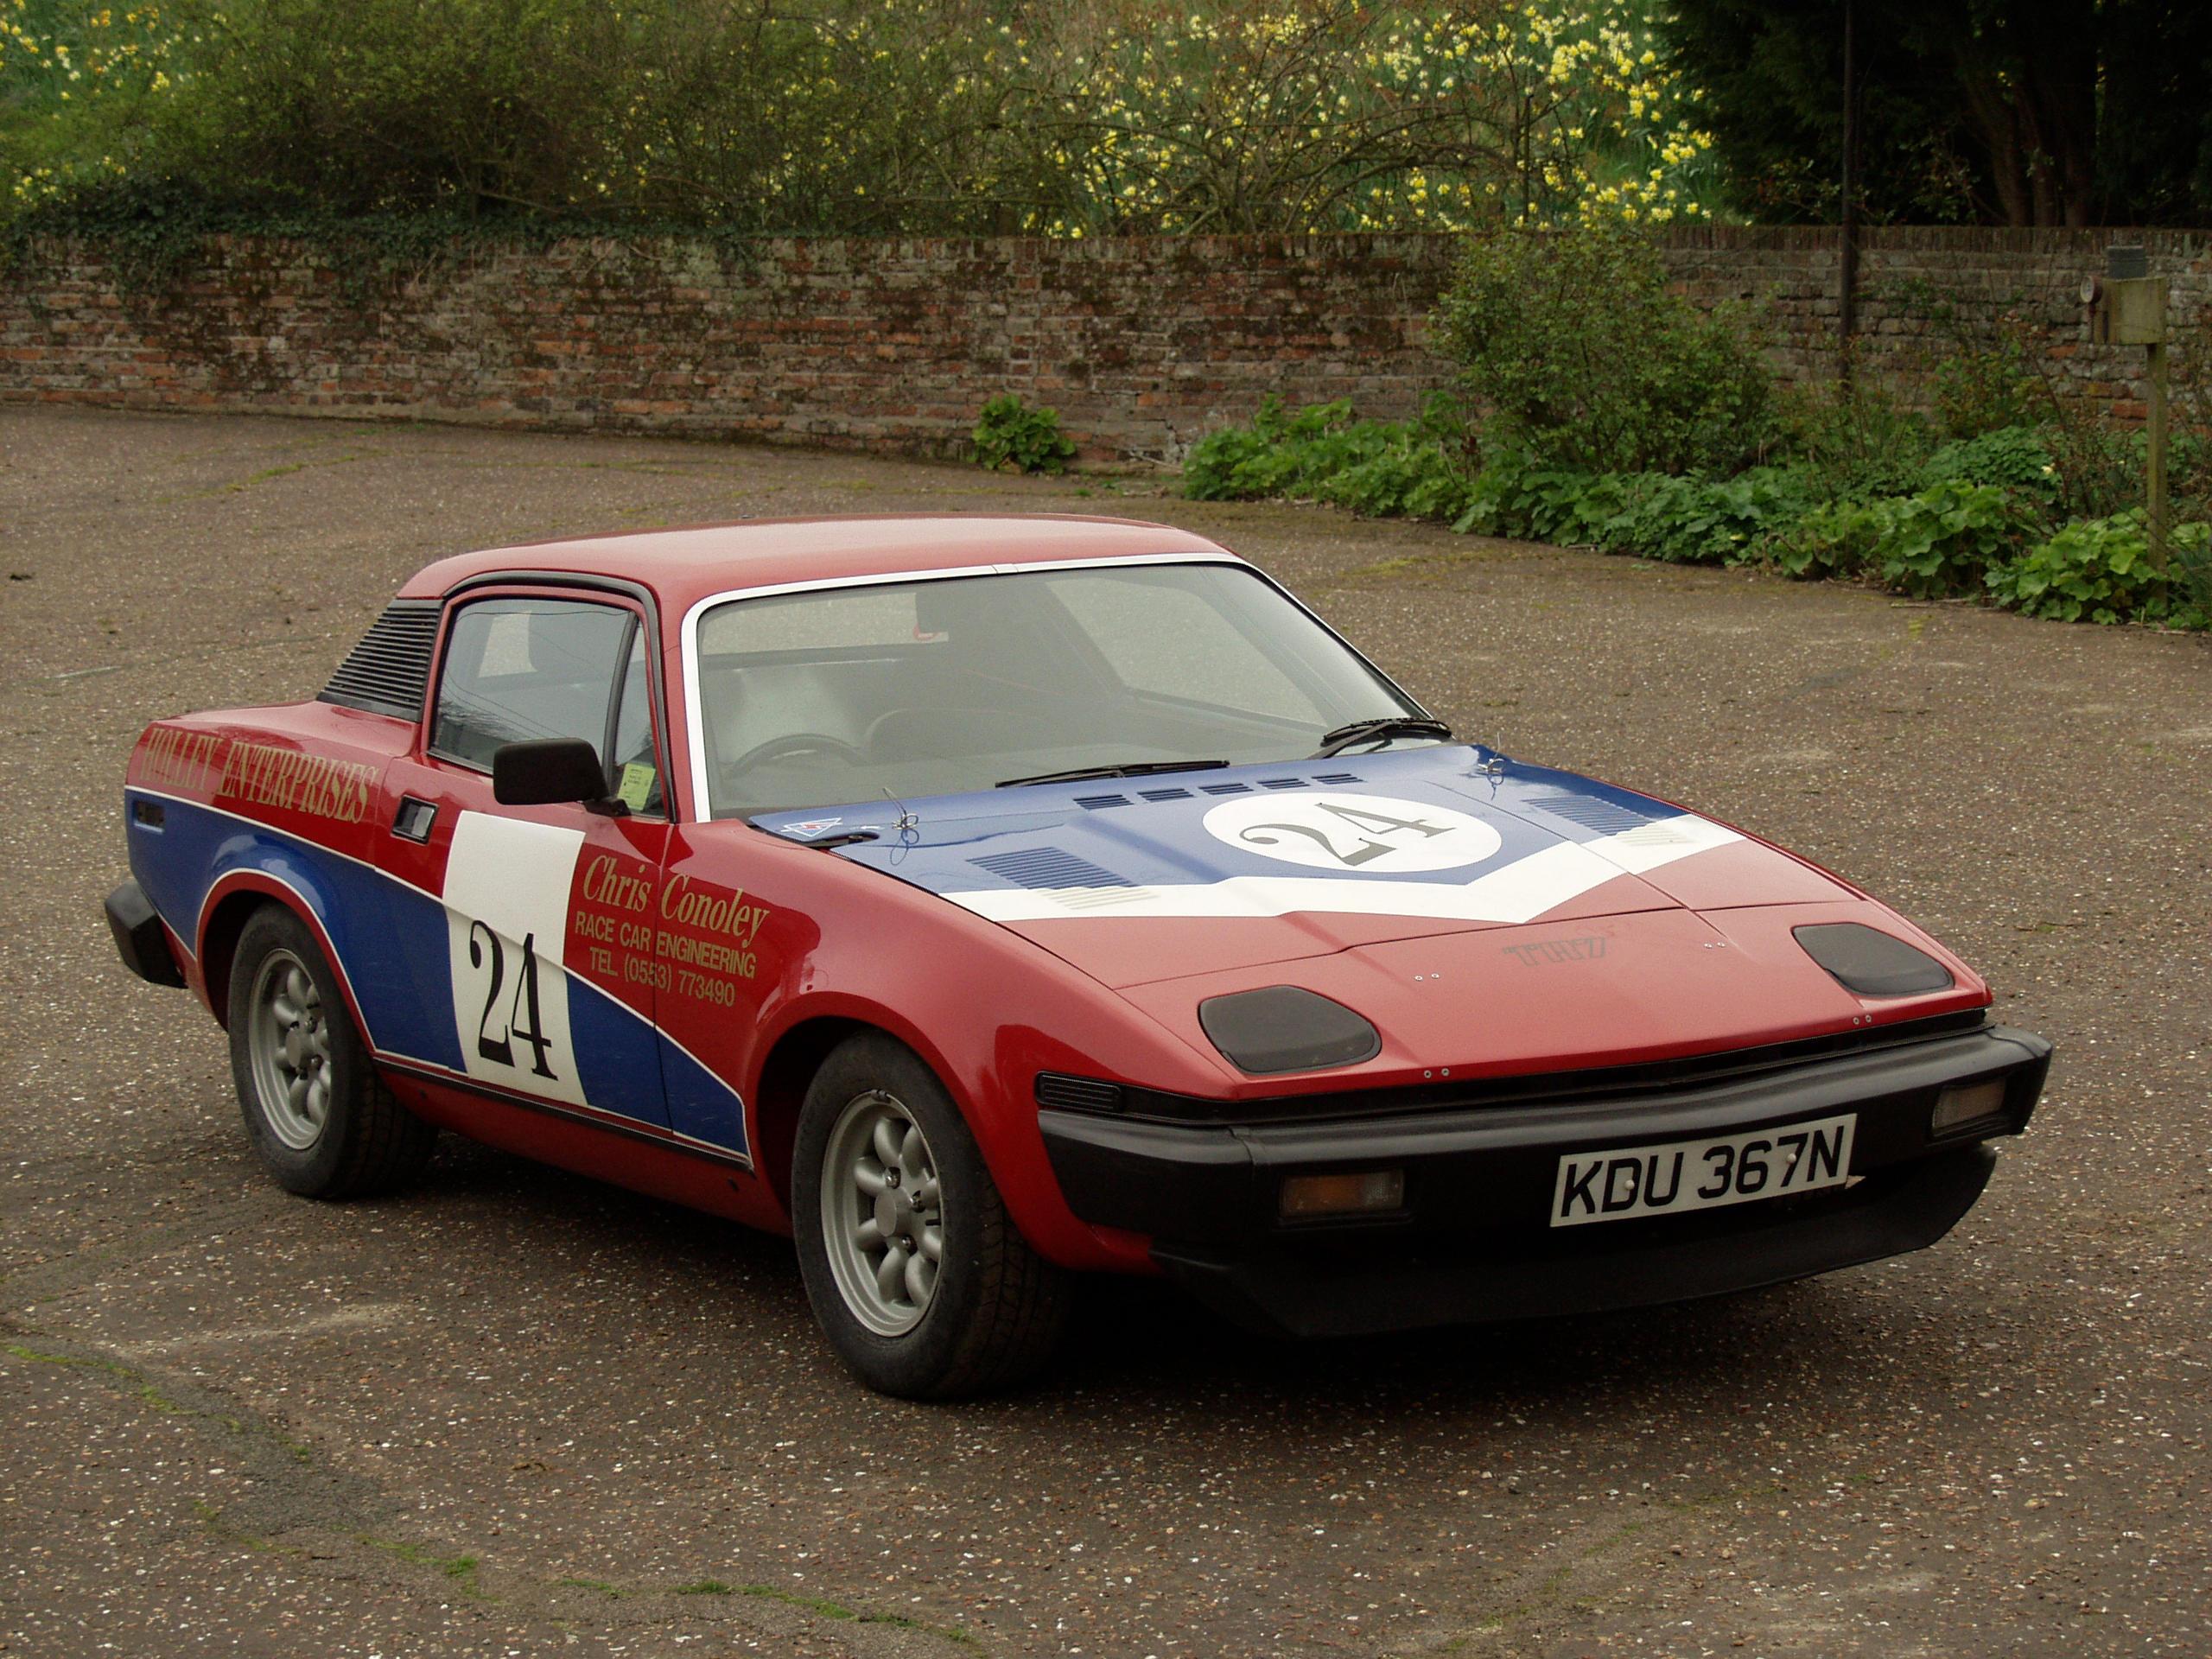 Regretfully Withdrawn** 1975 Triumph TR7 V8 Race/Rally car